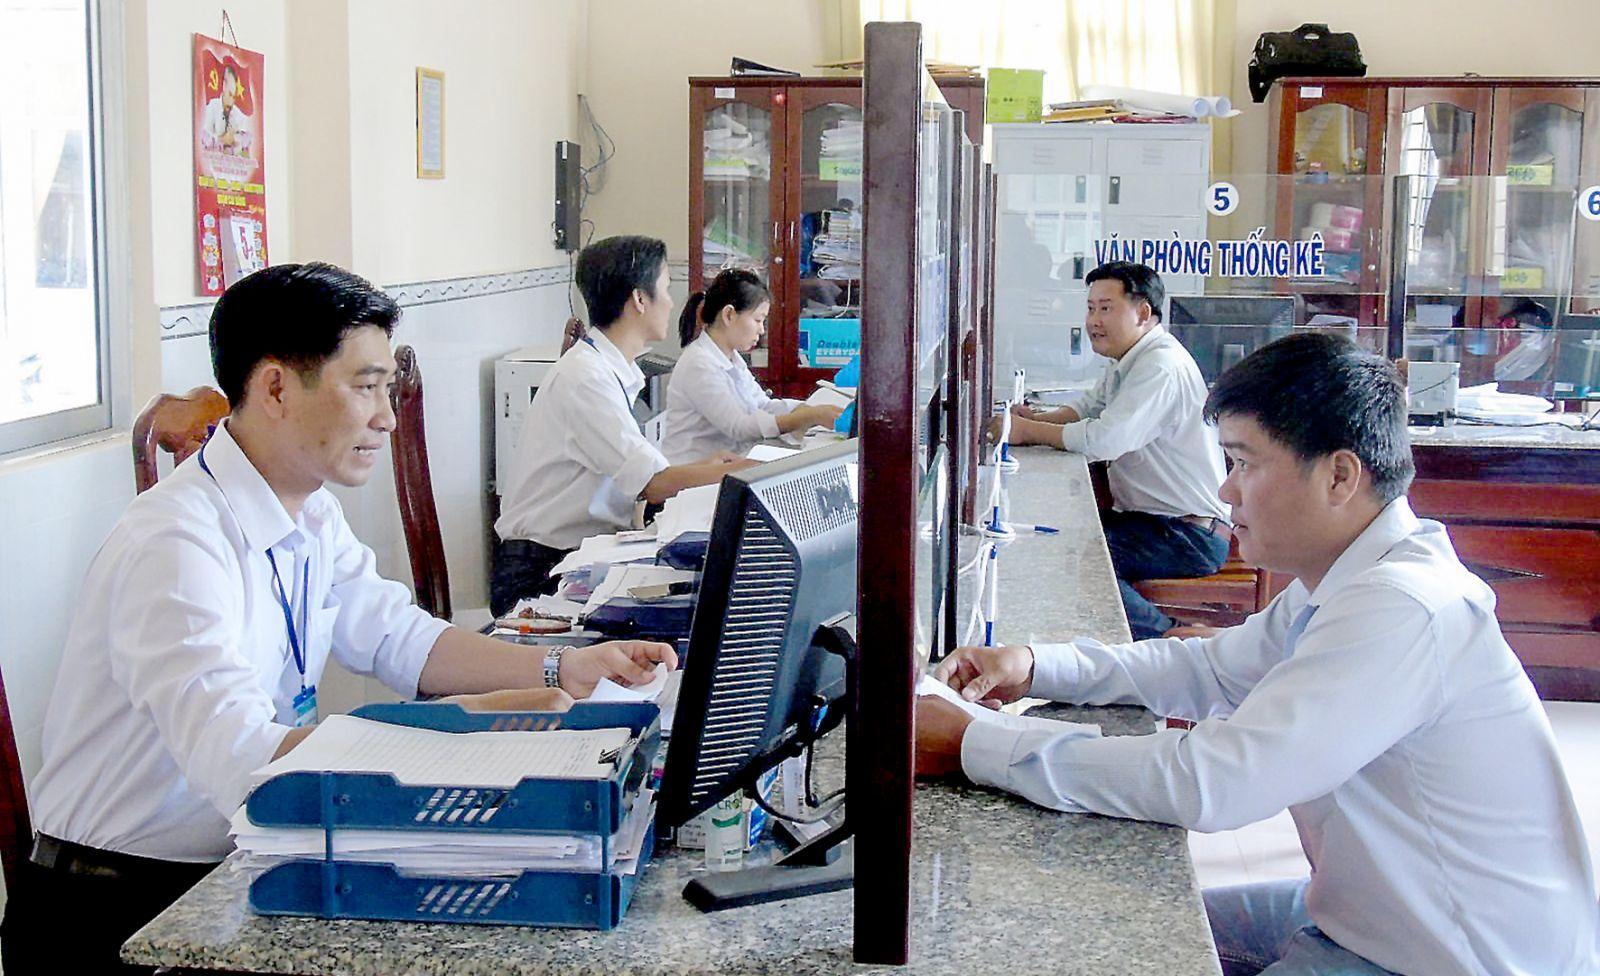 Cán bộ phường Hưng Thạnh nâng cao tinh thần trách nhiệm trong thực hiện công vụ, giải quyết thủ tục hành chính cho người dân đúng hẹn. Ảnh: THANH THY